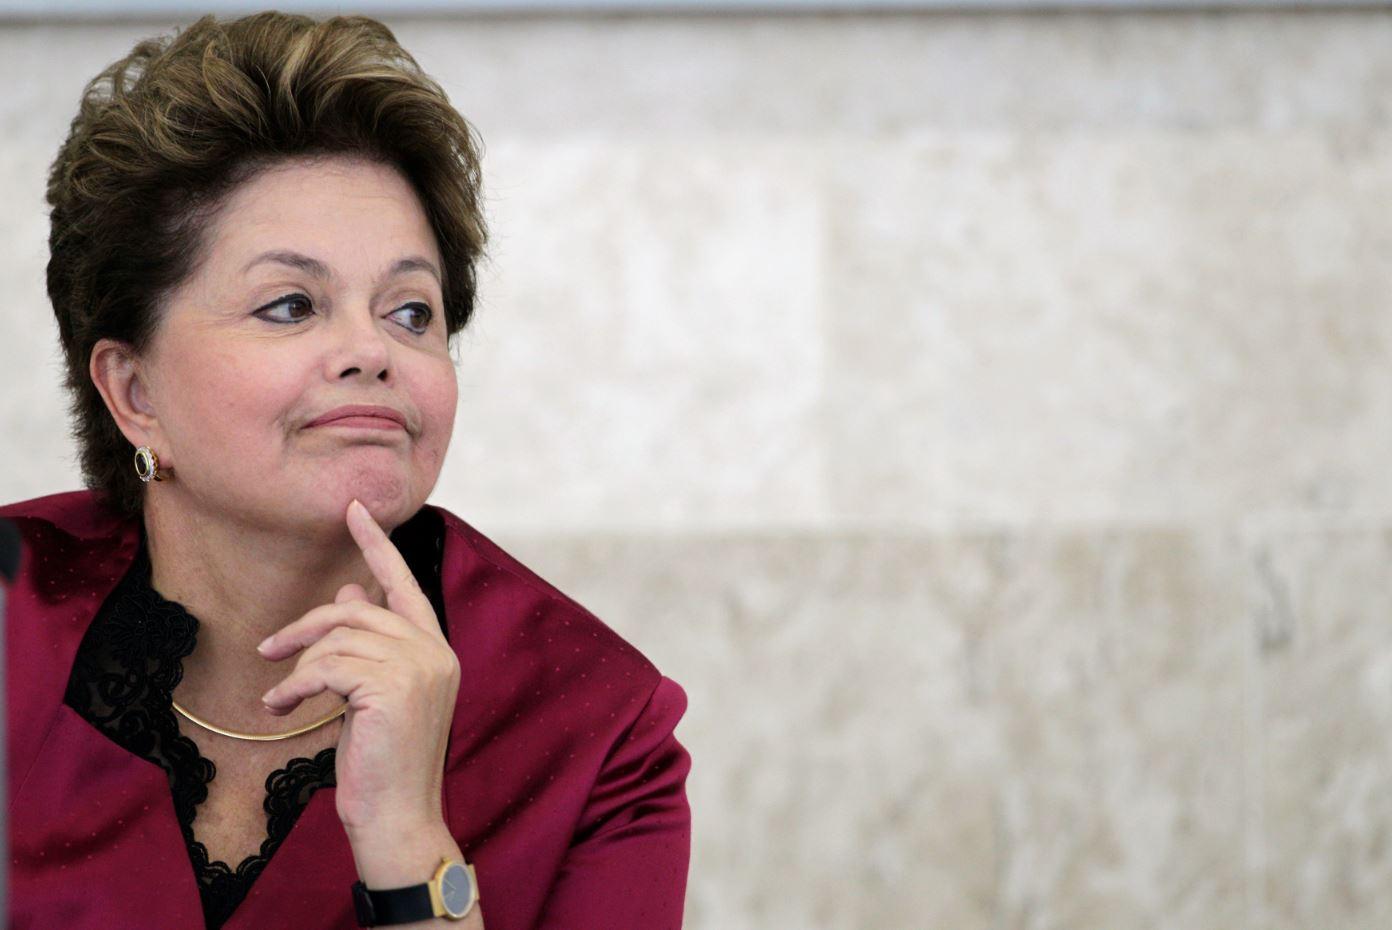 Brasile, approvato l'impeachment: Rousseff destituita dalla presidenza